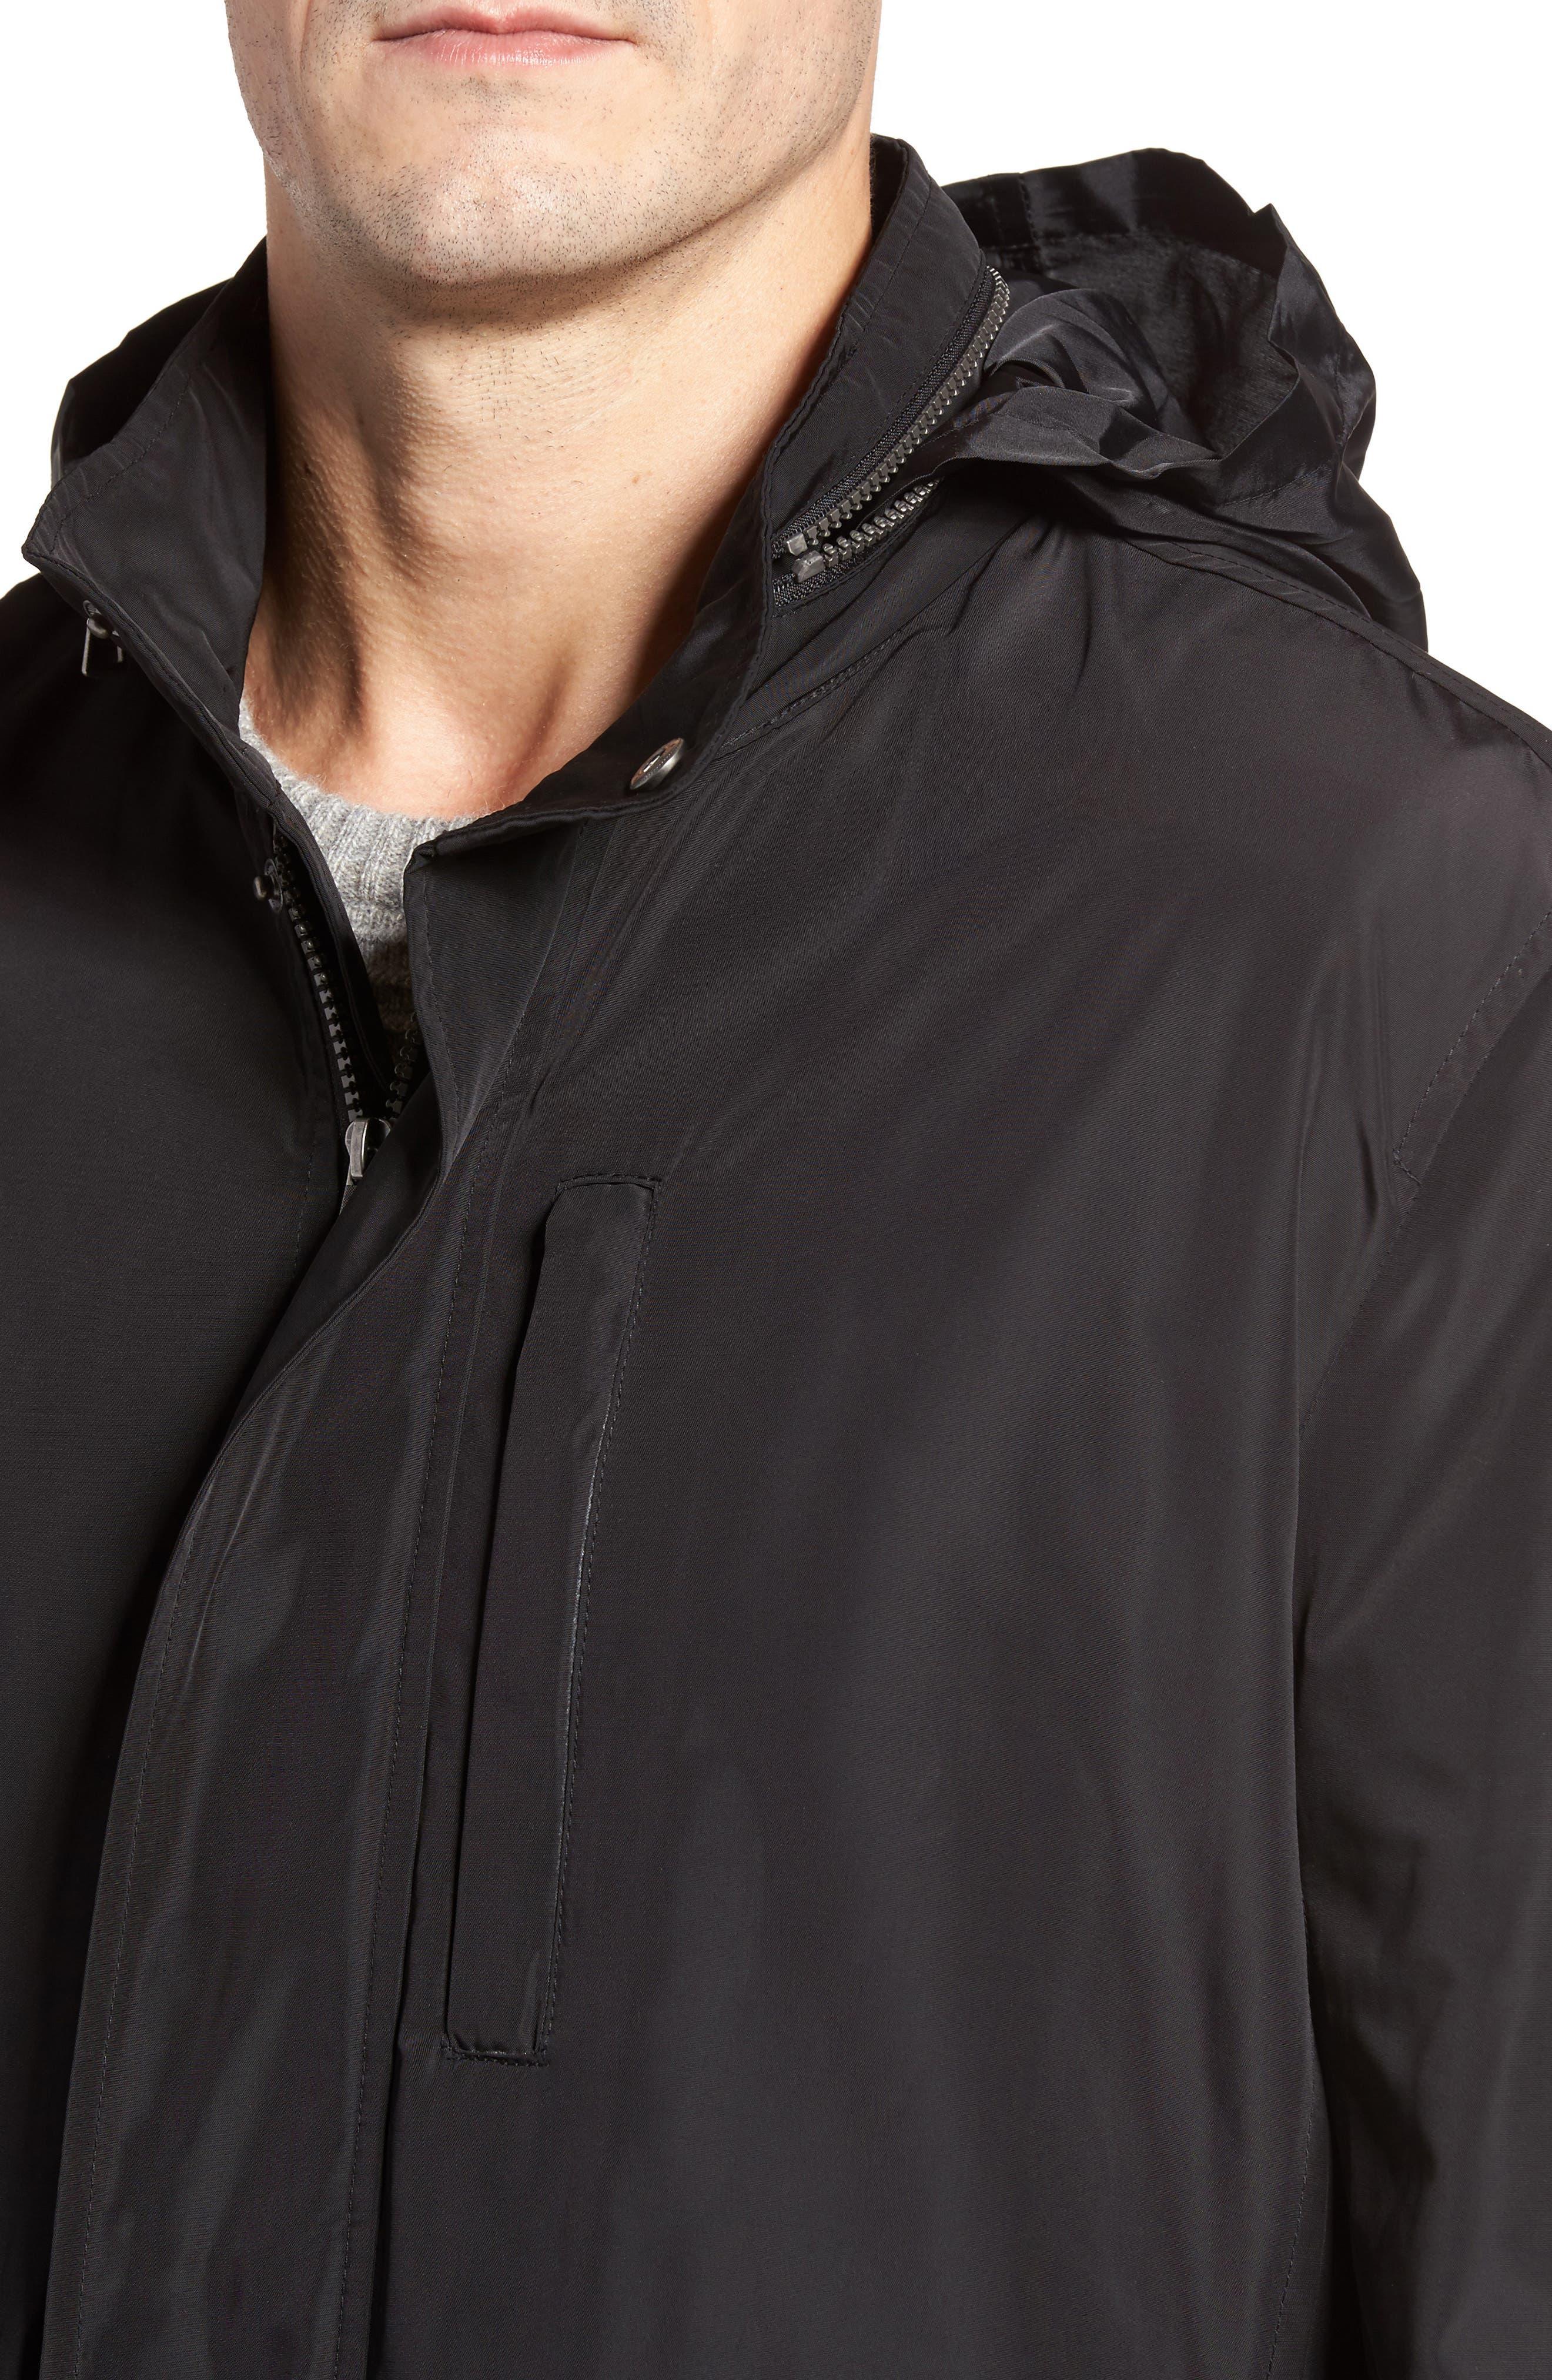 Packable Jacket,                             Alternate thumbnail 4, color,                             001